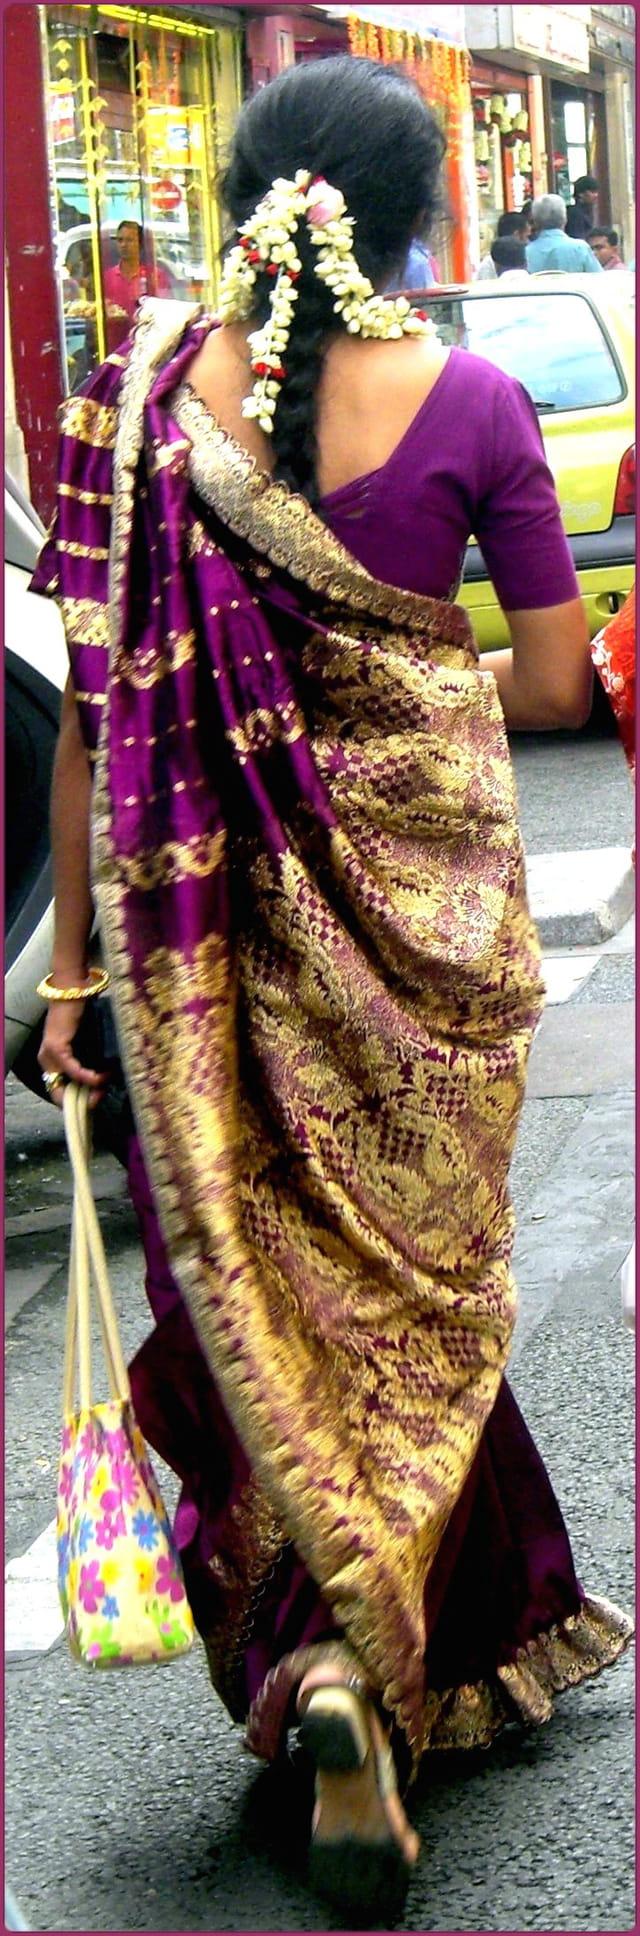 Démarche altière d'une Indienne en sari